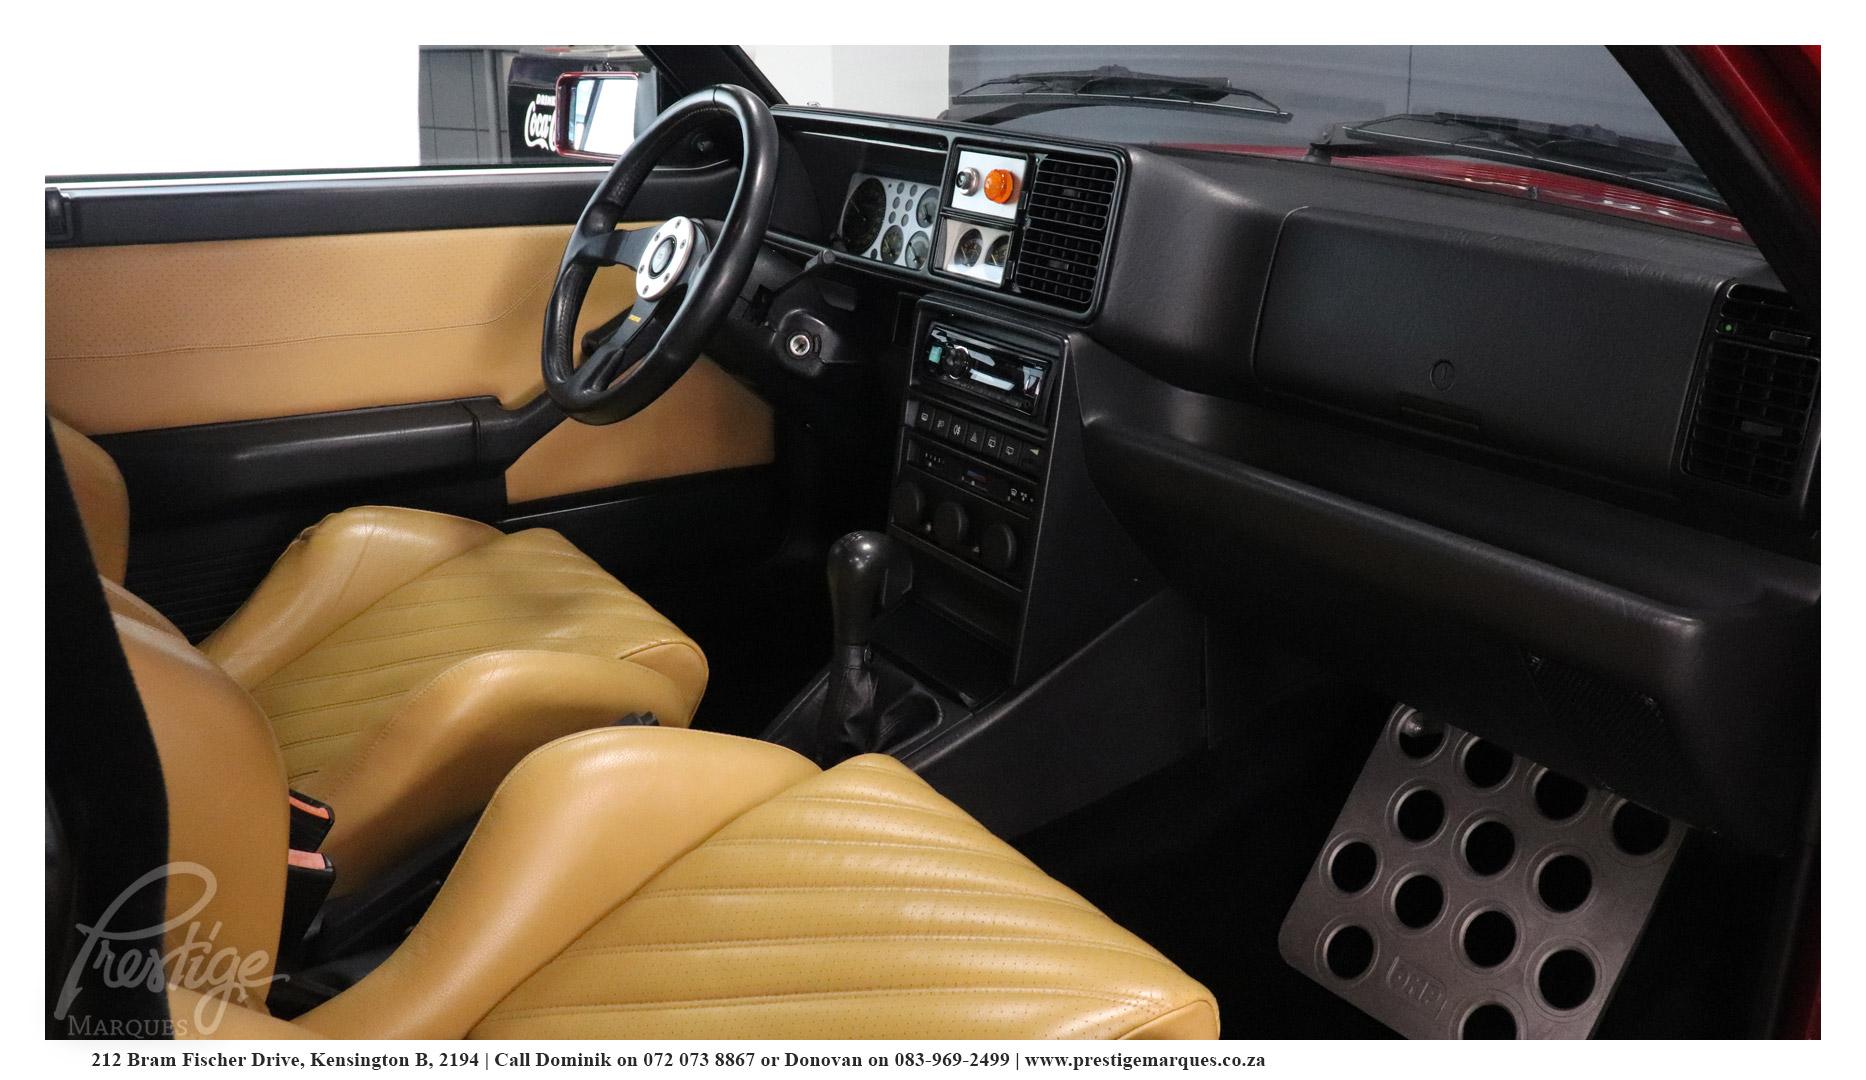 1995-Lancia-Delta-Integrale-Evo-2-Dealer-Collection-Prestige-Marques-Sandton-11